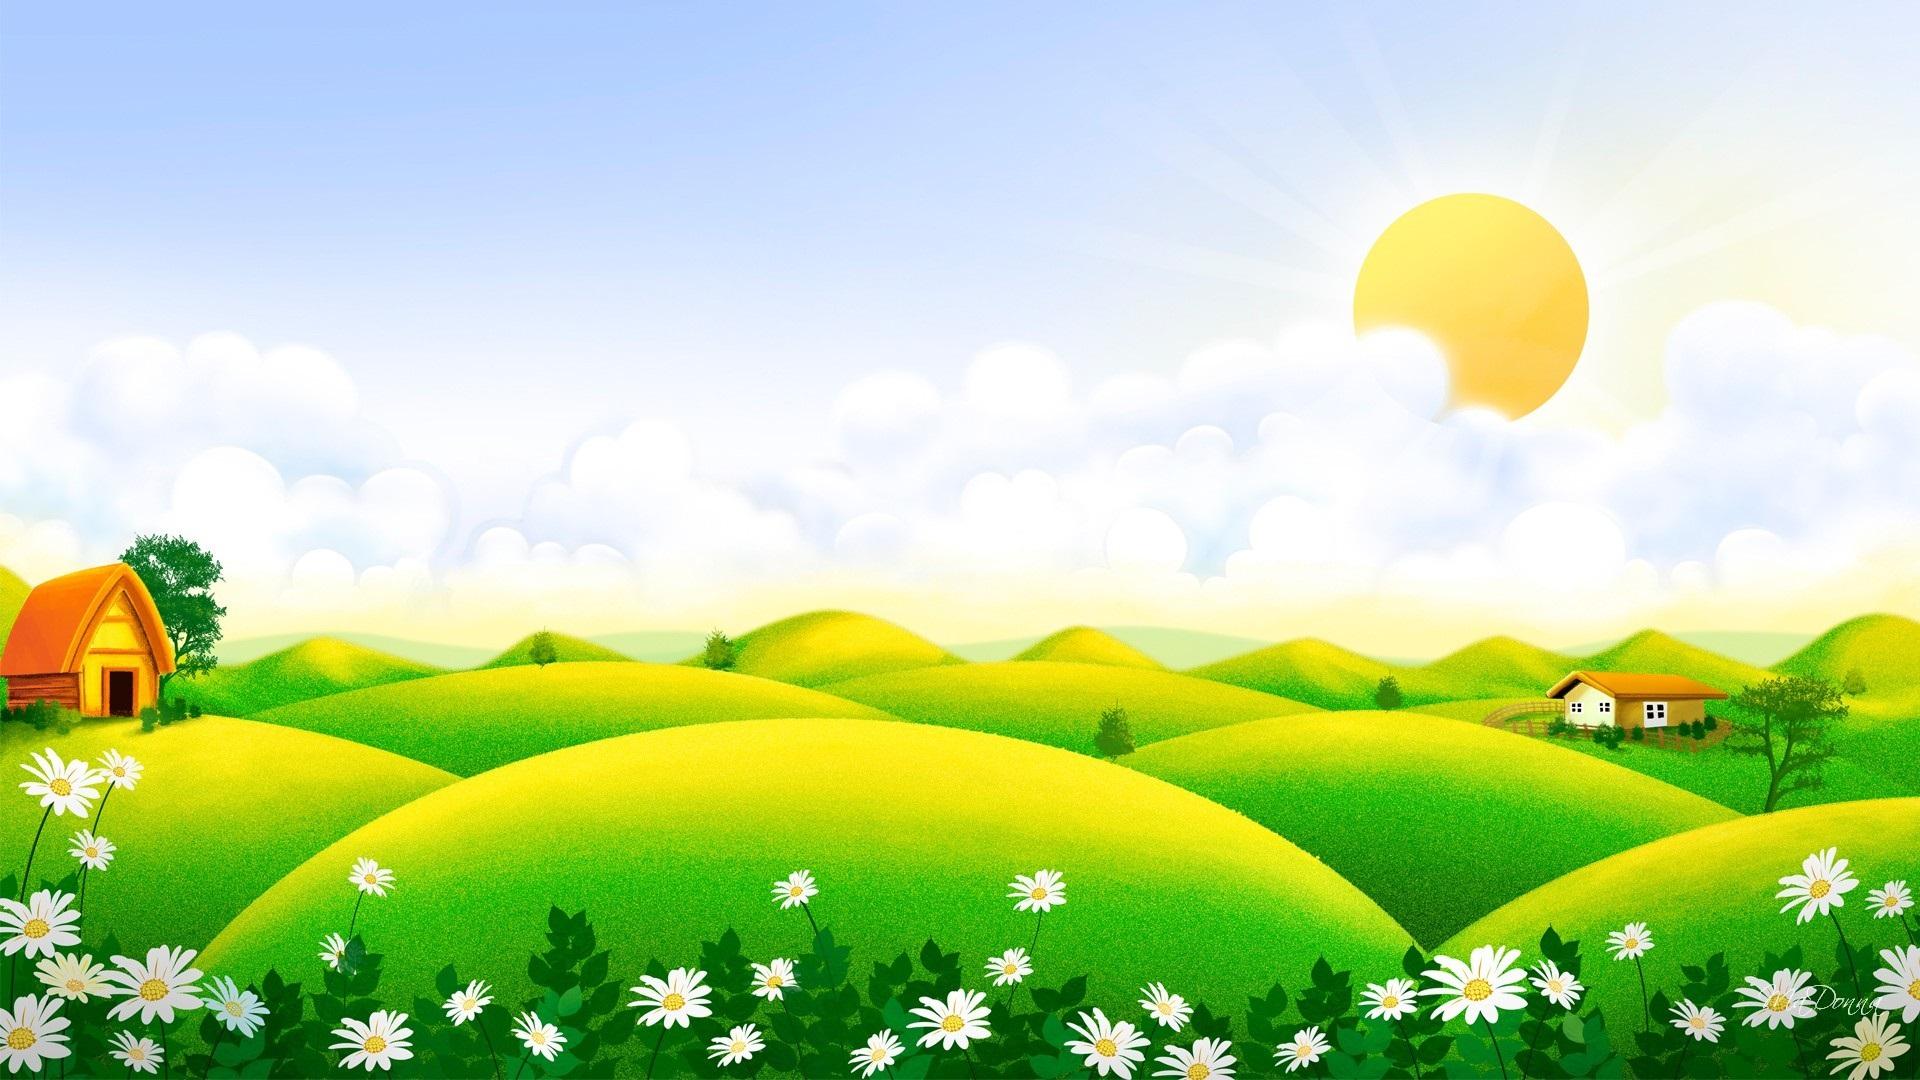 Flores Hermosas Flores Silvestres Fondos De Pantalla Gratis: Fondos De Pantalla Hermoso Paisaje De Arte, Verdes Colinas